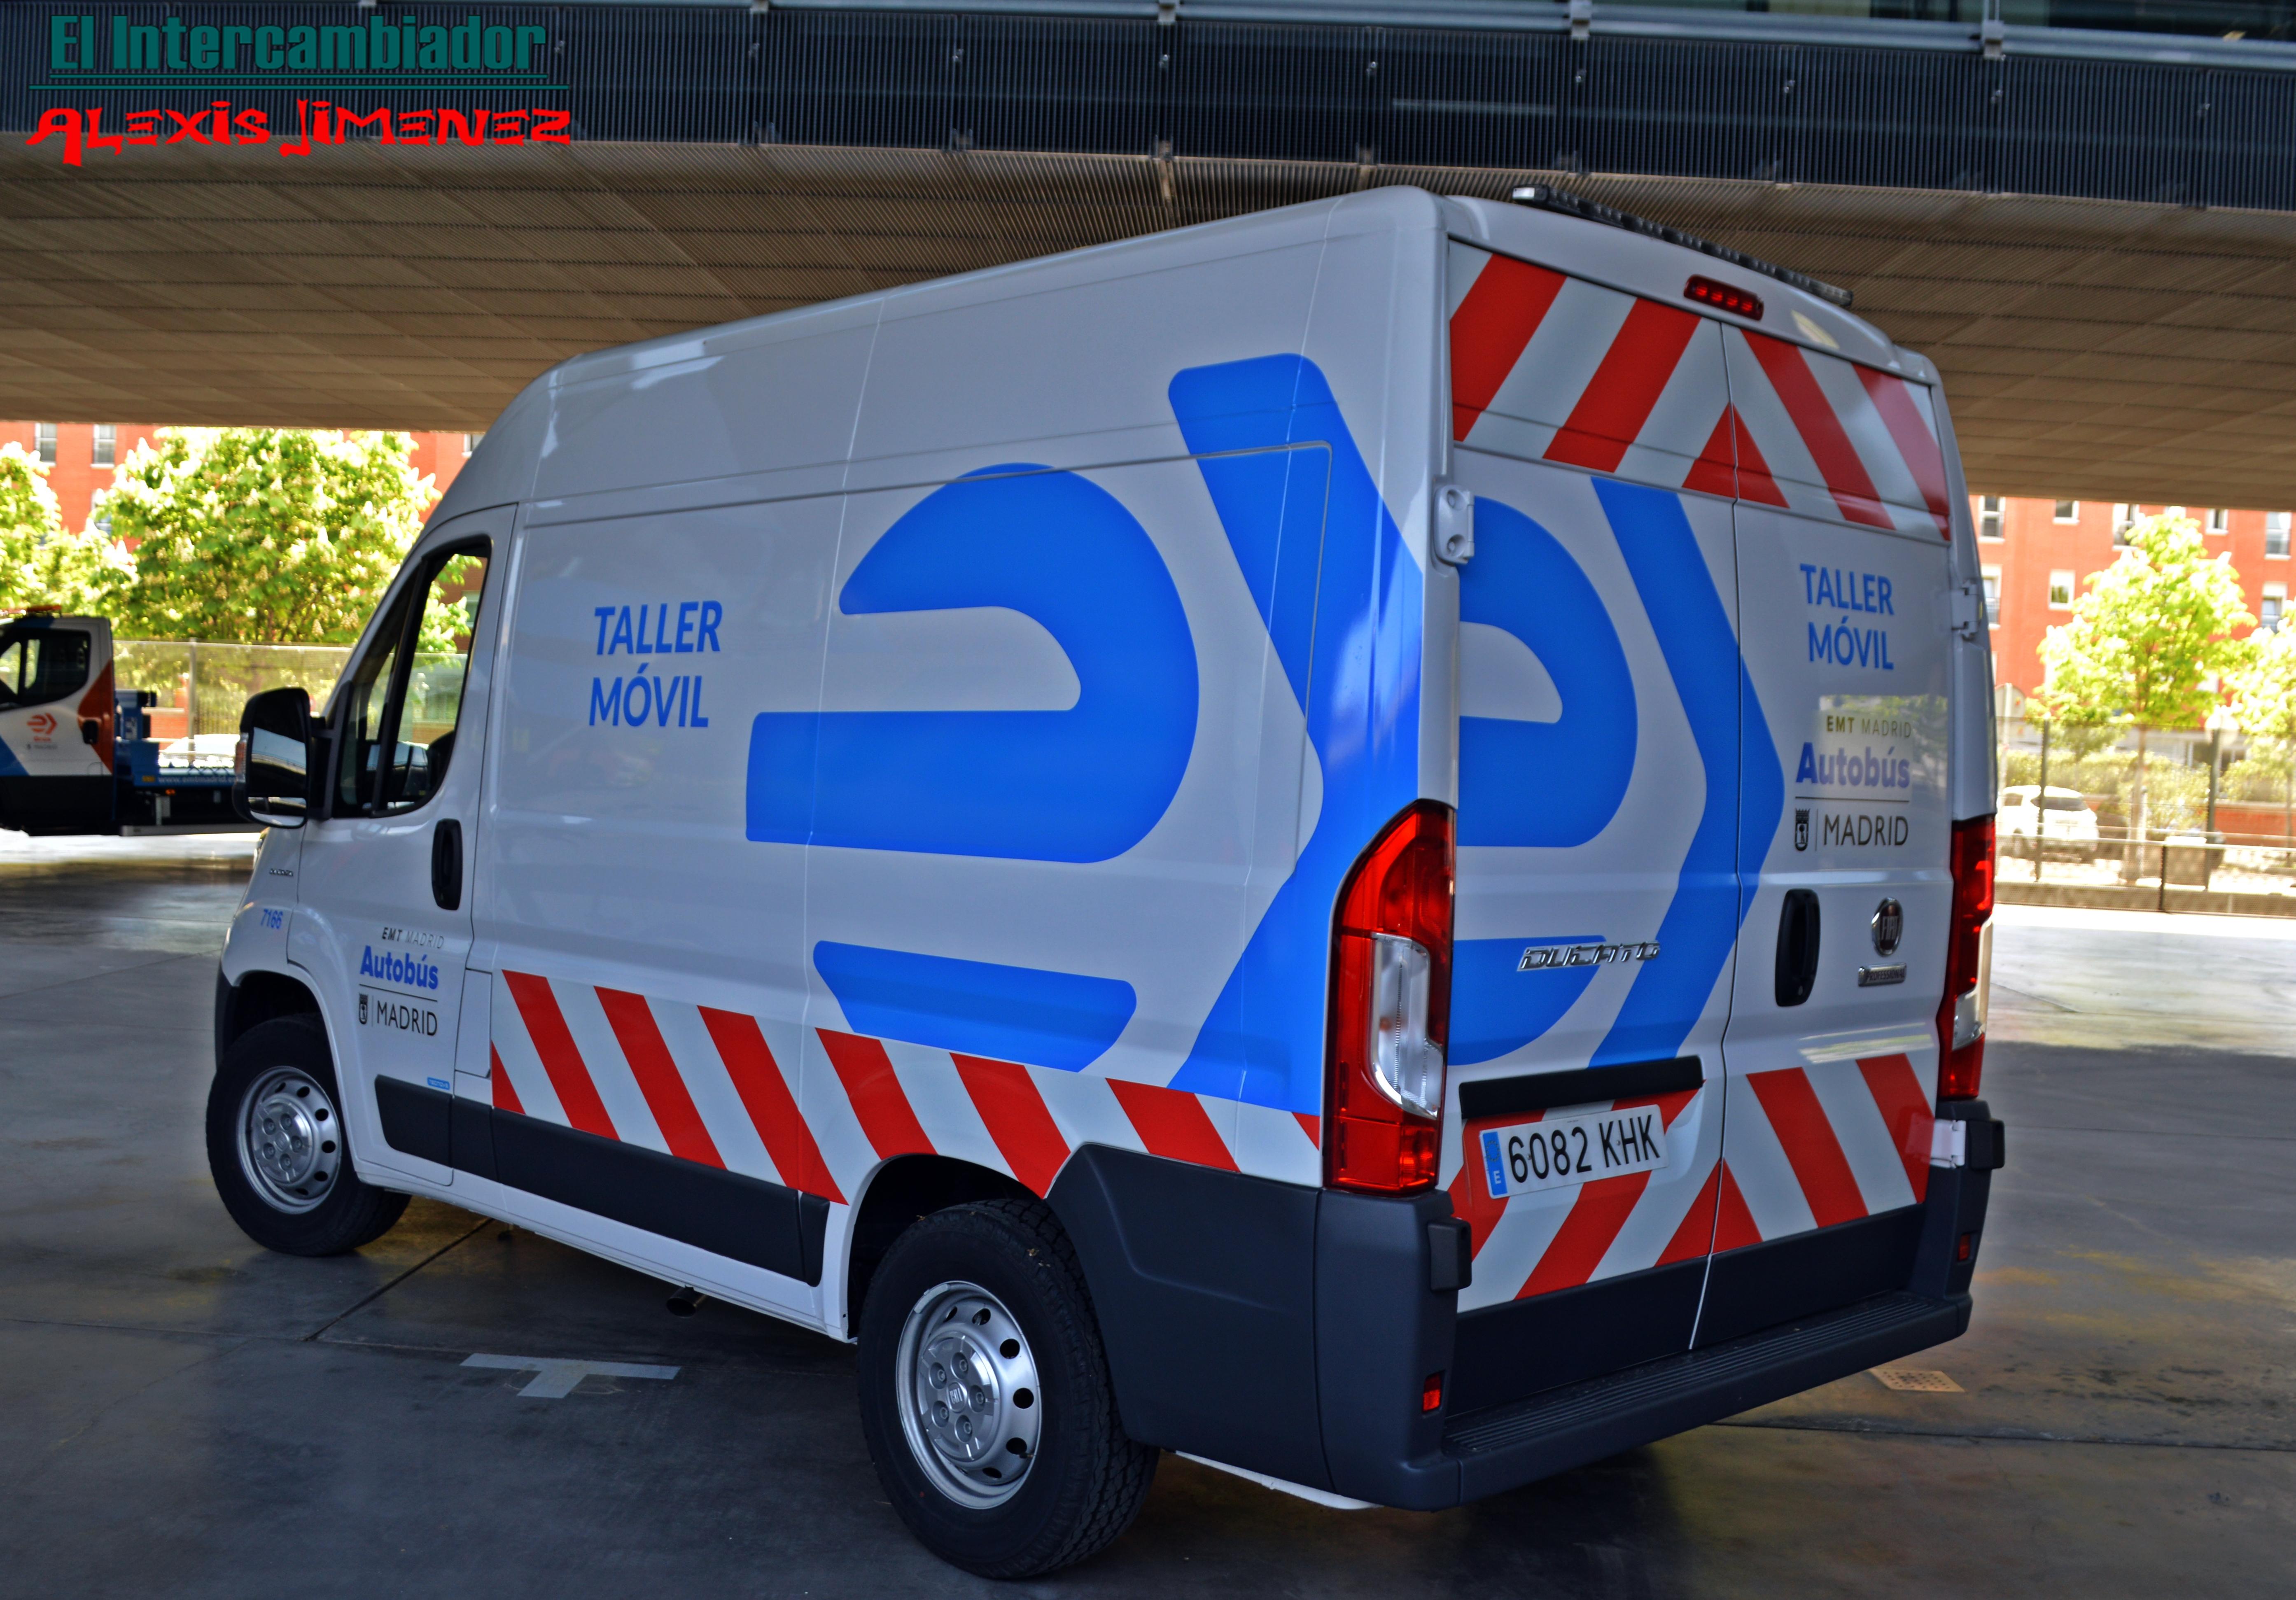 Nueva imagen para los talleres móviles del servicio de autobuses de la EMT de Madrid